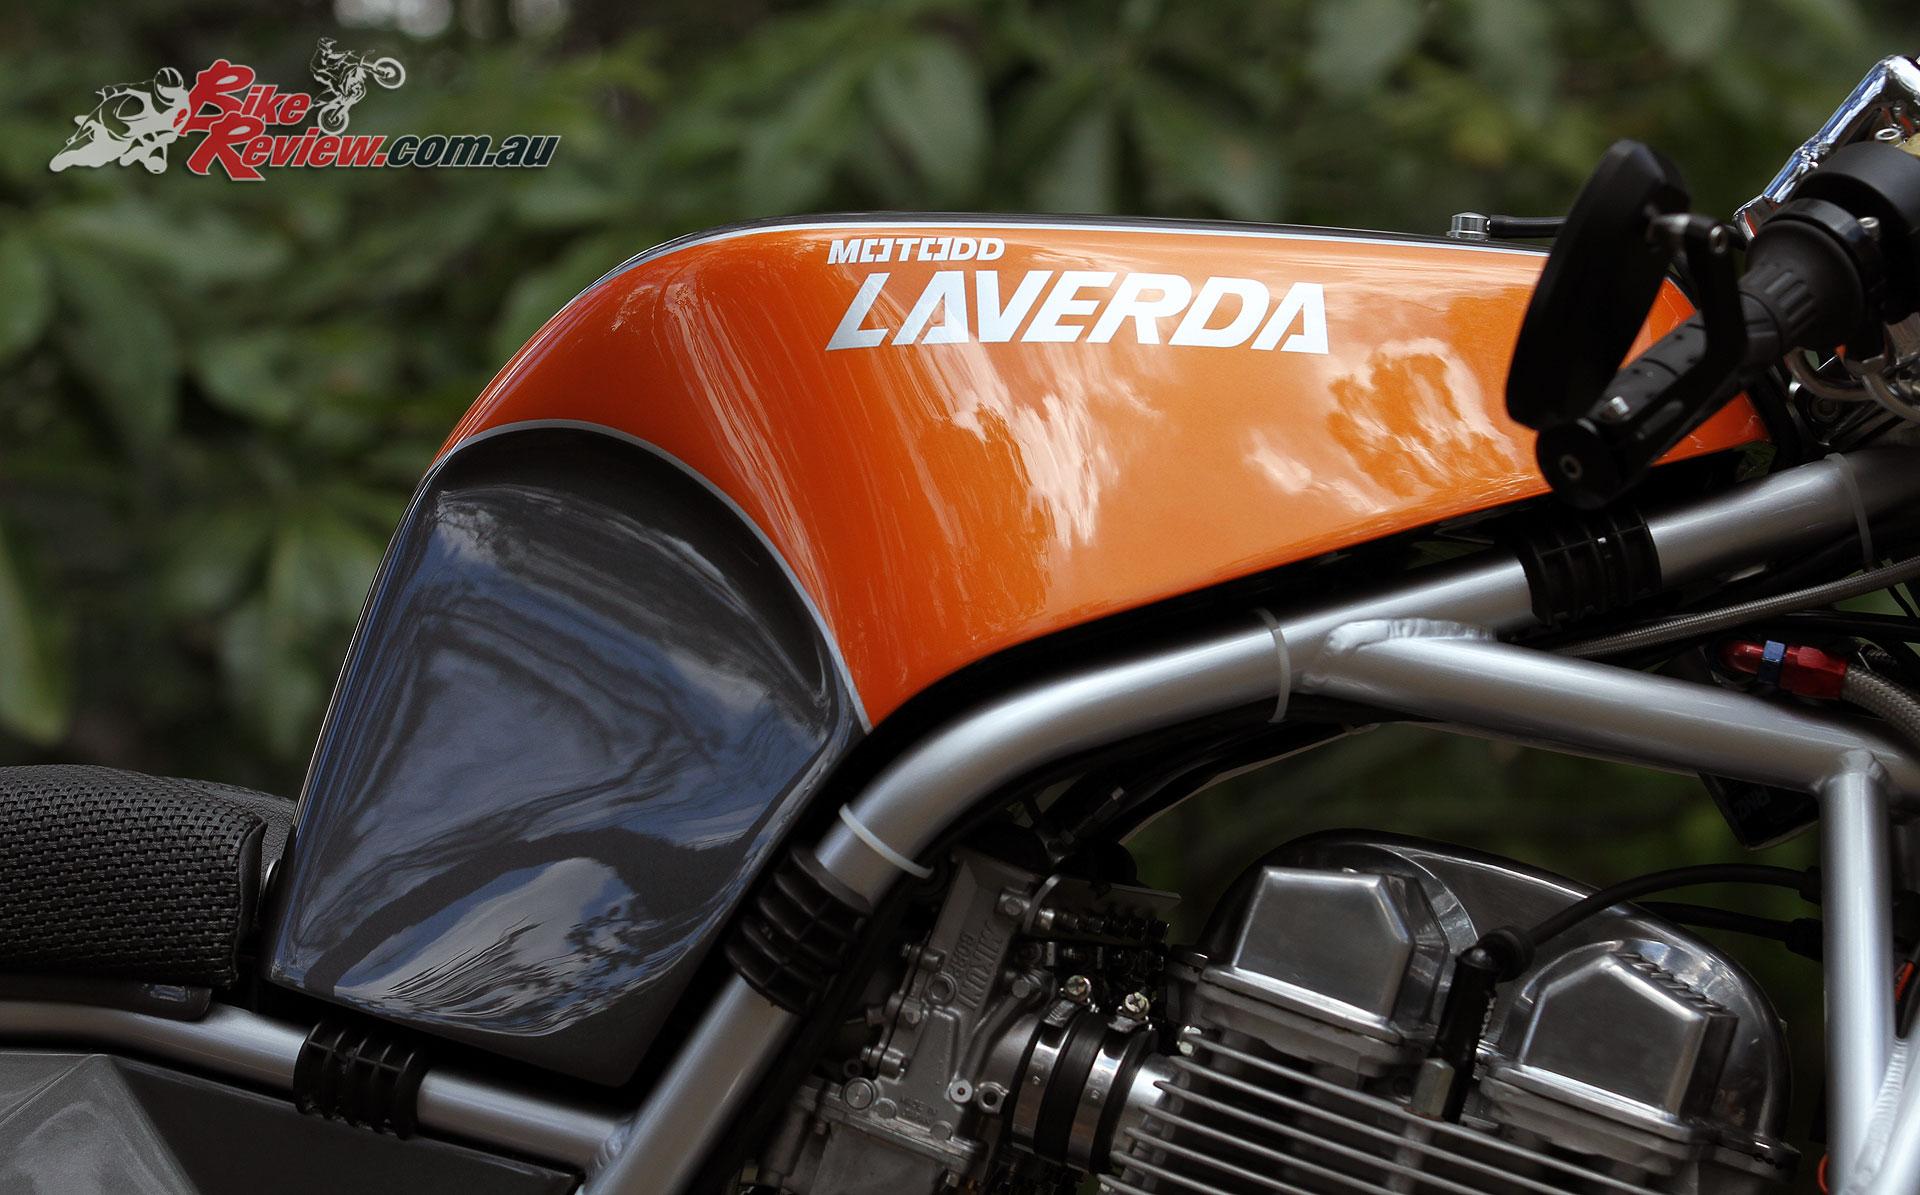 The Redax Laverda Motodd includes a carbon-fibre tank based on the originall Motodd design